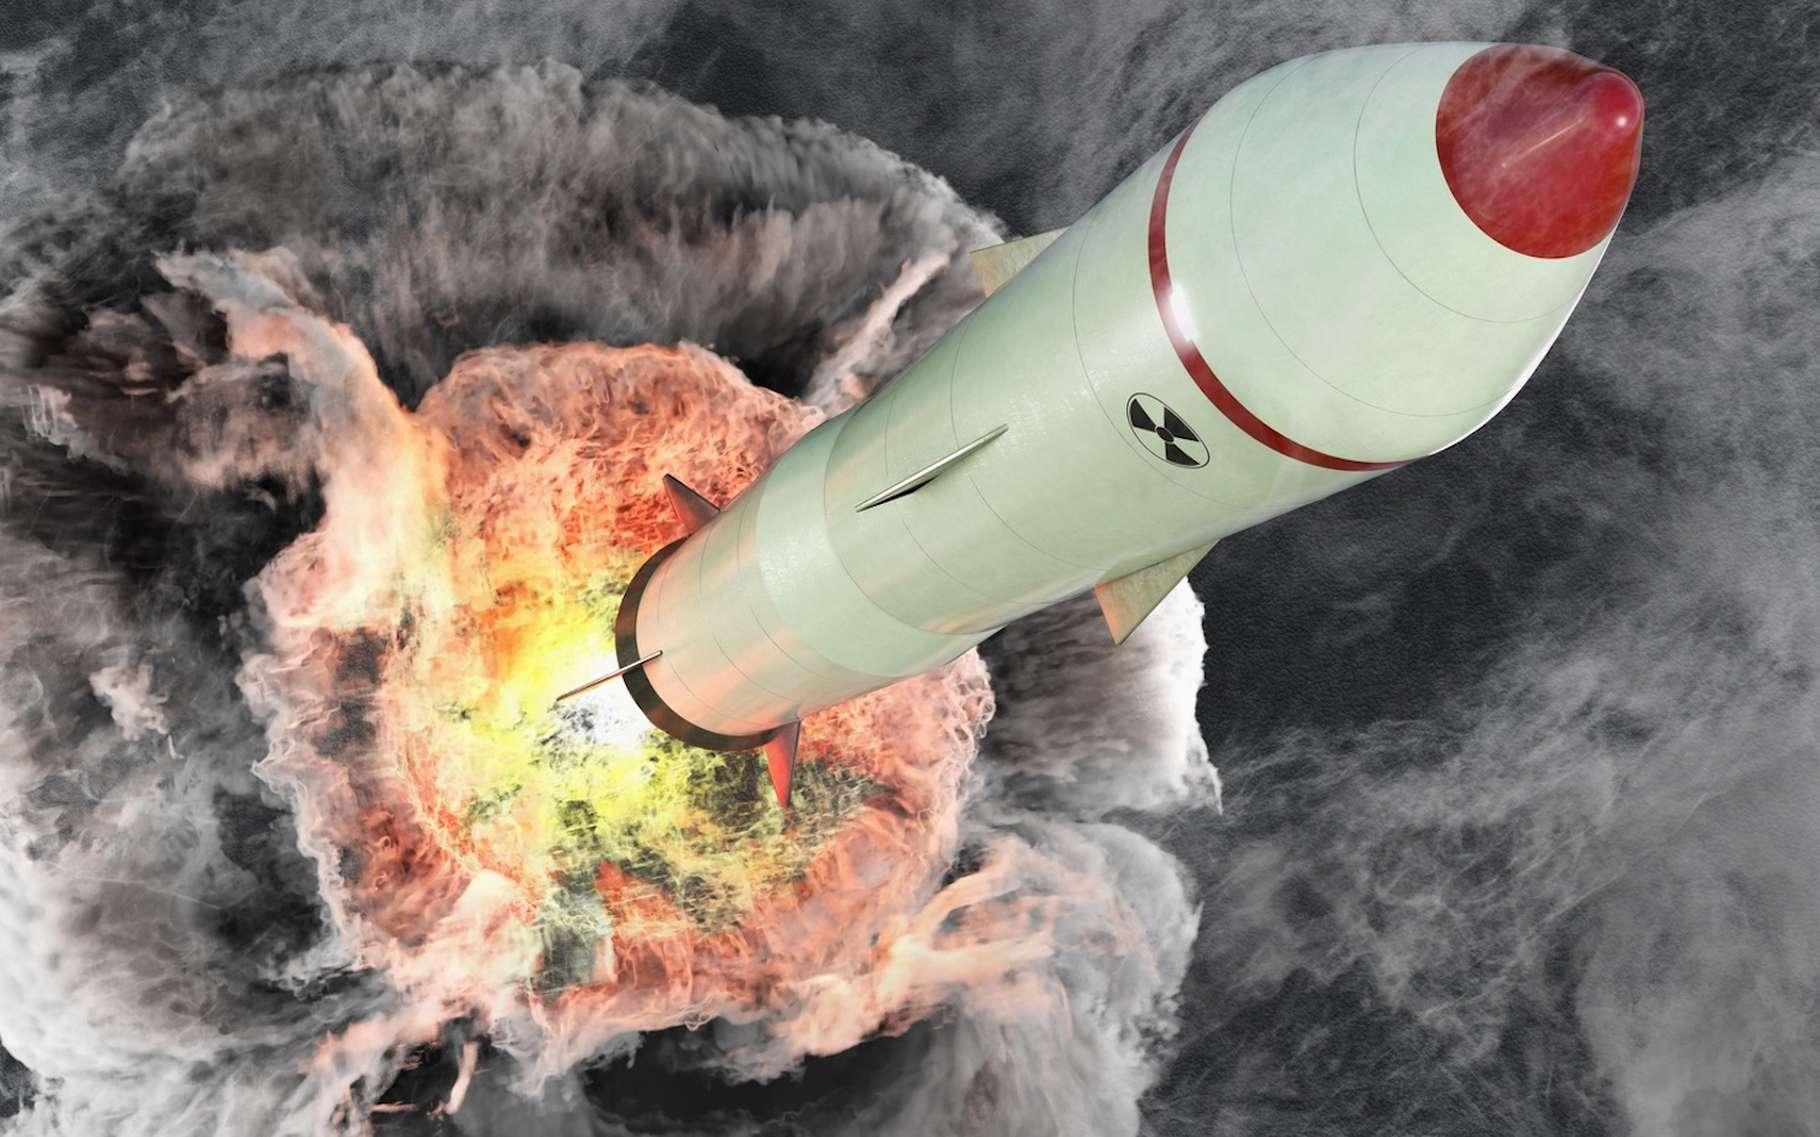 En cas d'attaque nucléaire, la première chose à faire est de trouver refuge à l'intérieur d'un bâtiment solide. © vchalup, Fotolia